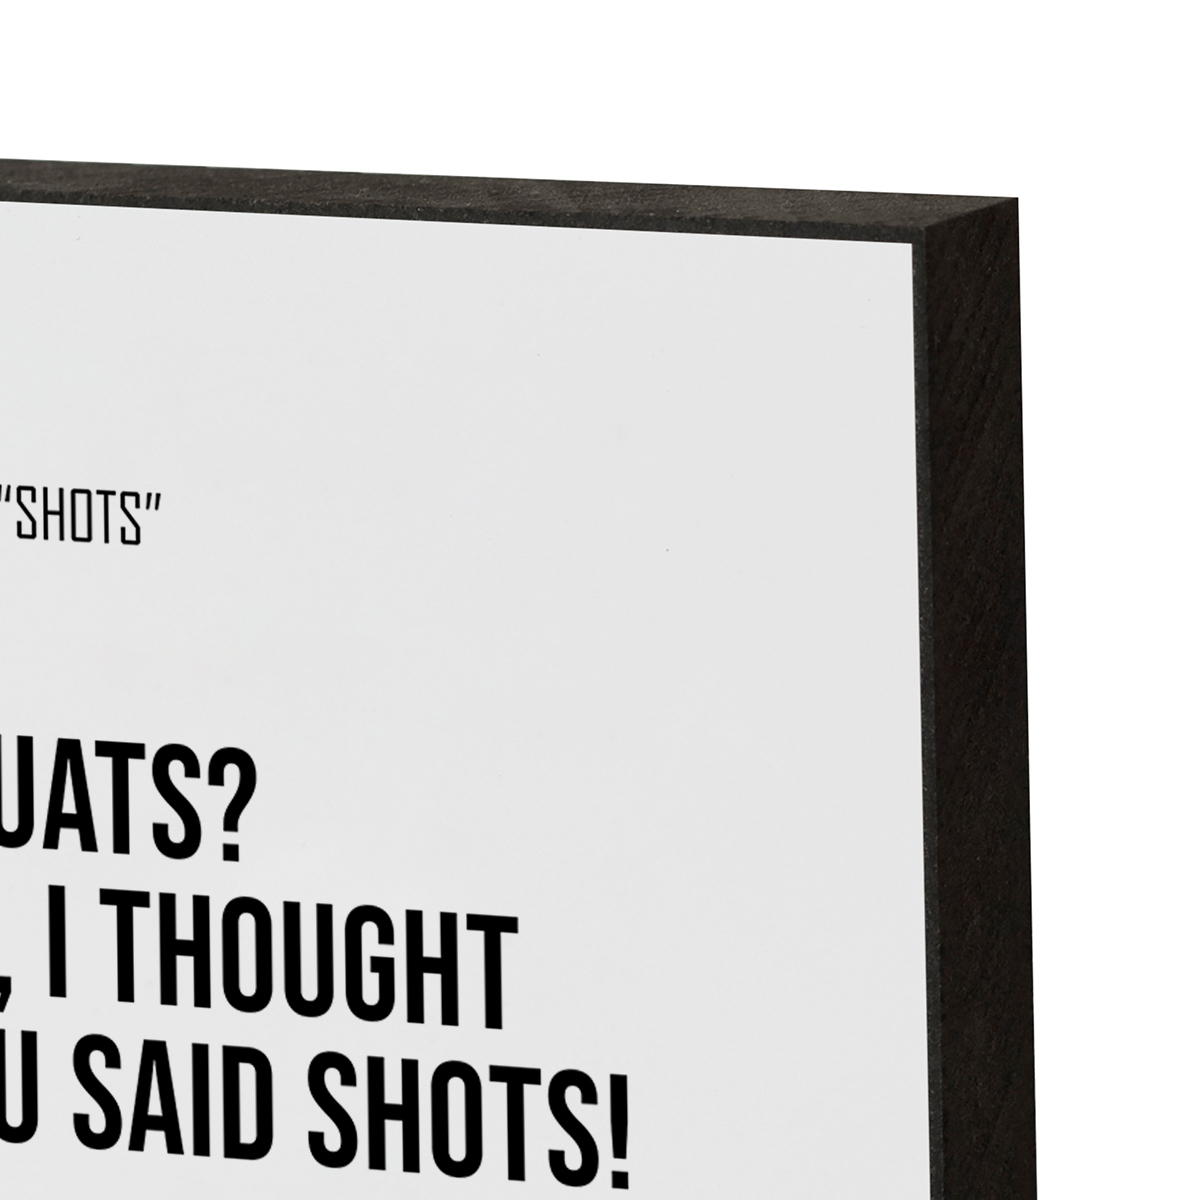 Squats_shots_inspirerende_citater_motion_træning